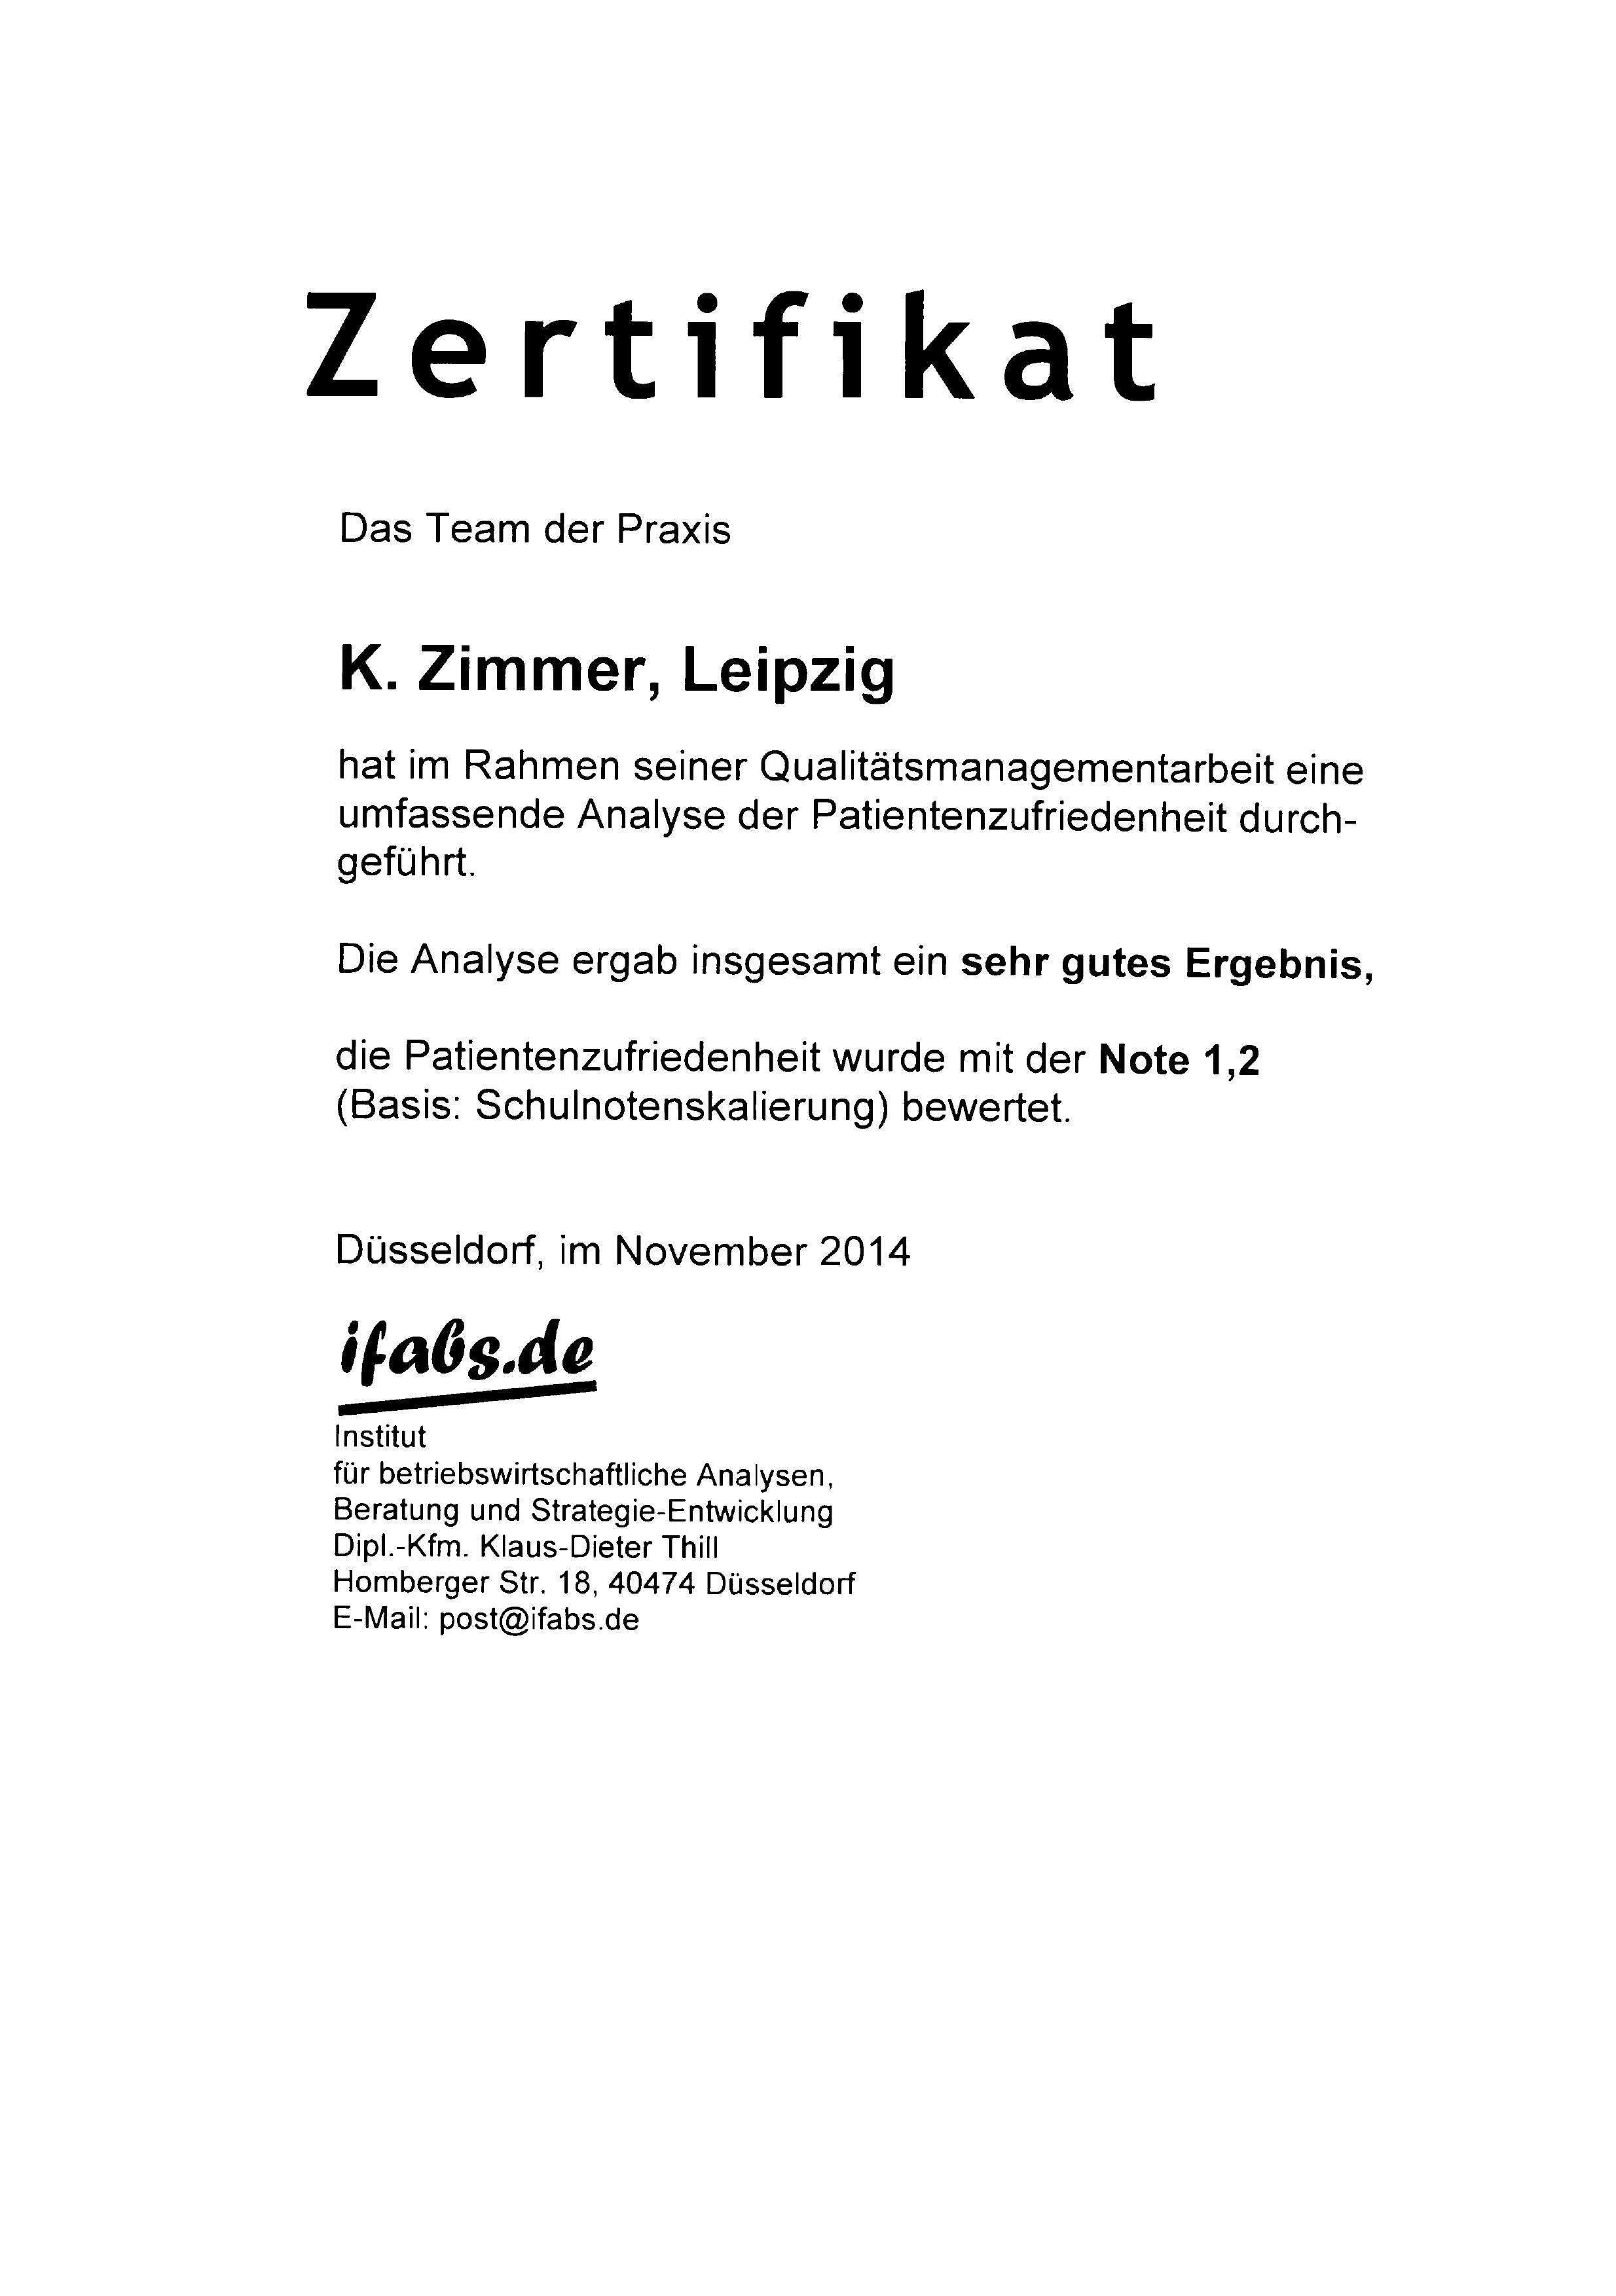 150113_Zertfikat_Netzpatientenbefragung-2014